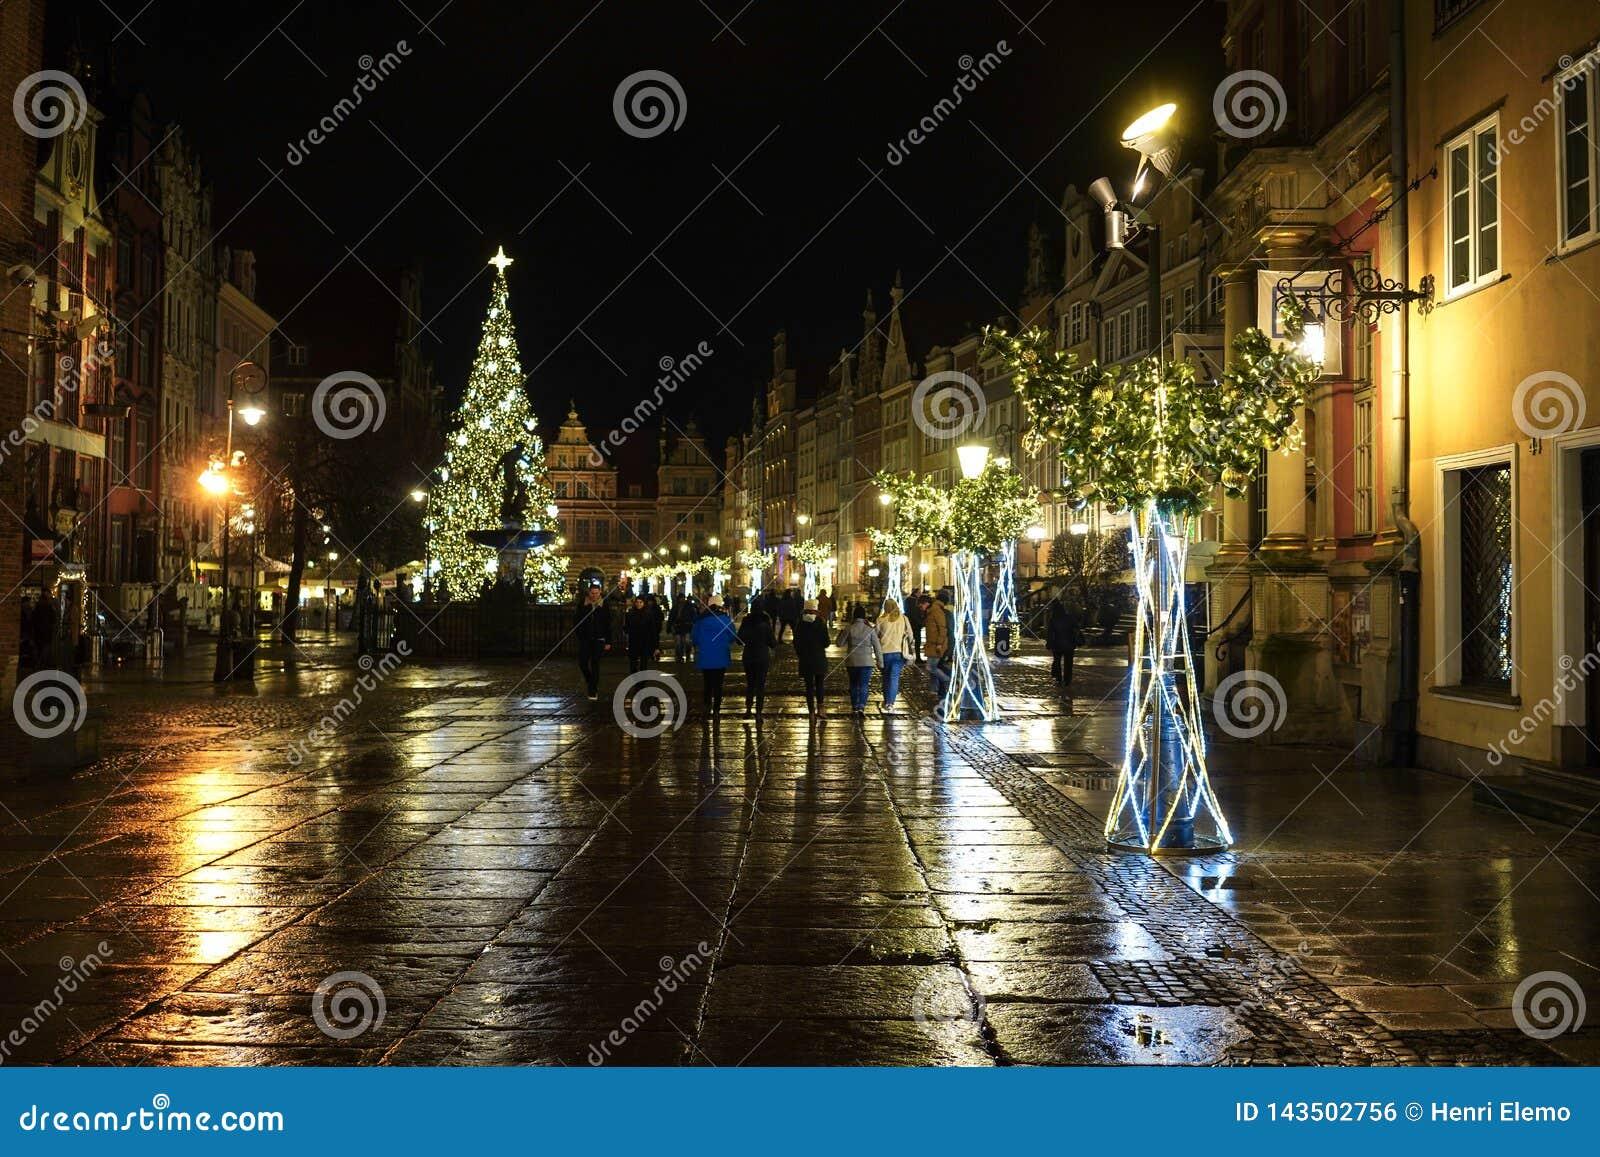 Gdansk, Polen - December 13, 2018: Kerstmisdecoratie in de oude stad van Gdansk, Polen